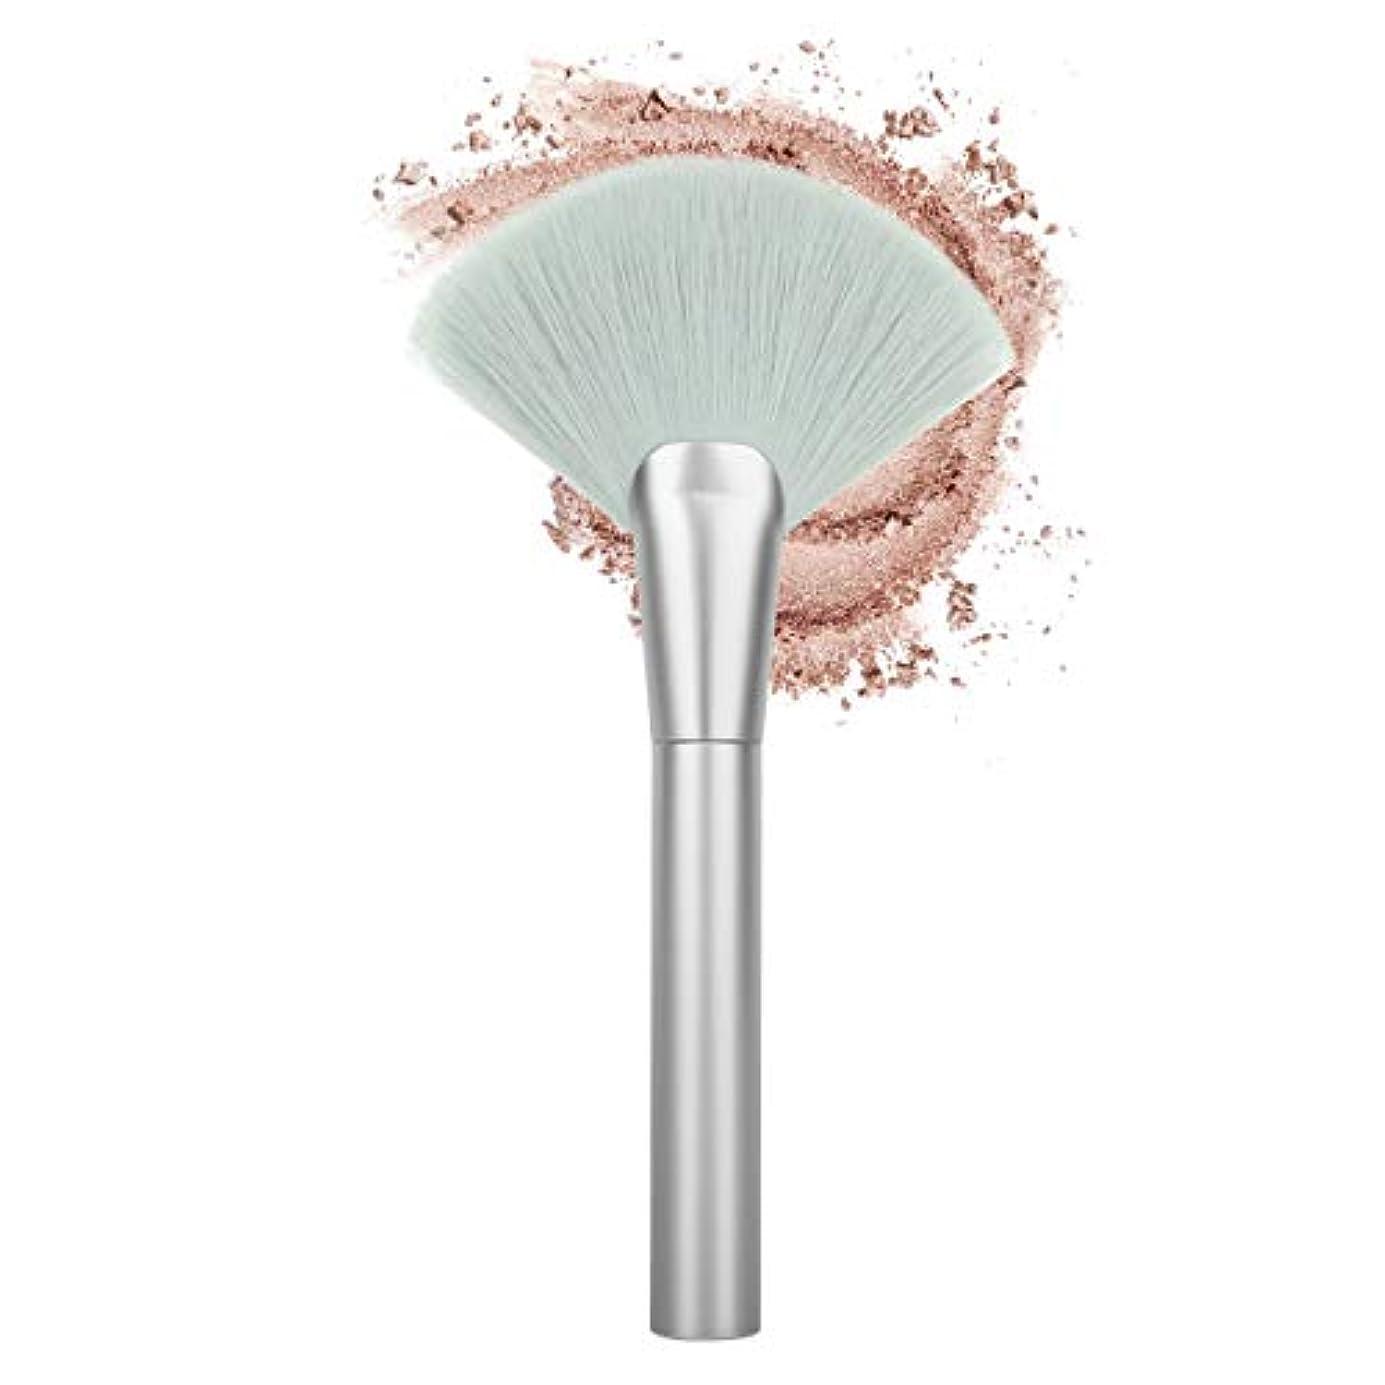 Luxspire メイクブラシ 化粧 ブラシ 1本 ファンデーションブラシ シャドウ フェイスブラシ 高級 化粧筆 扇形 ふわふわ 敏感肌適用 高級タクロン 清らか 緑銀色